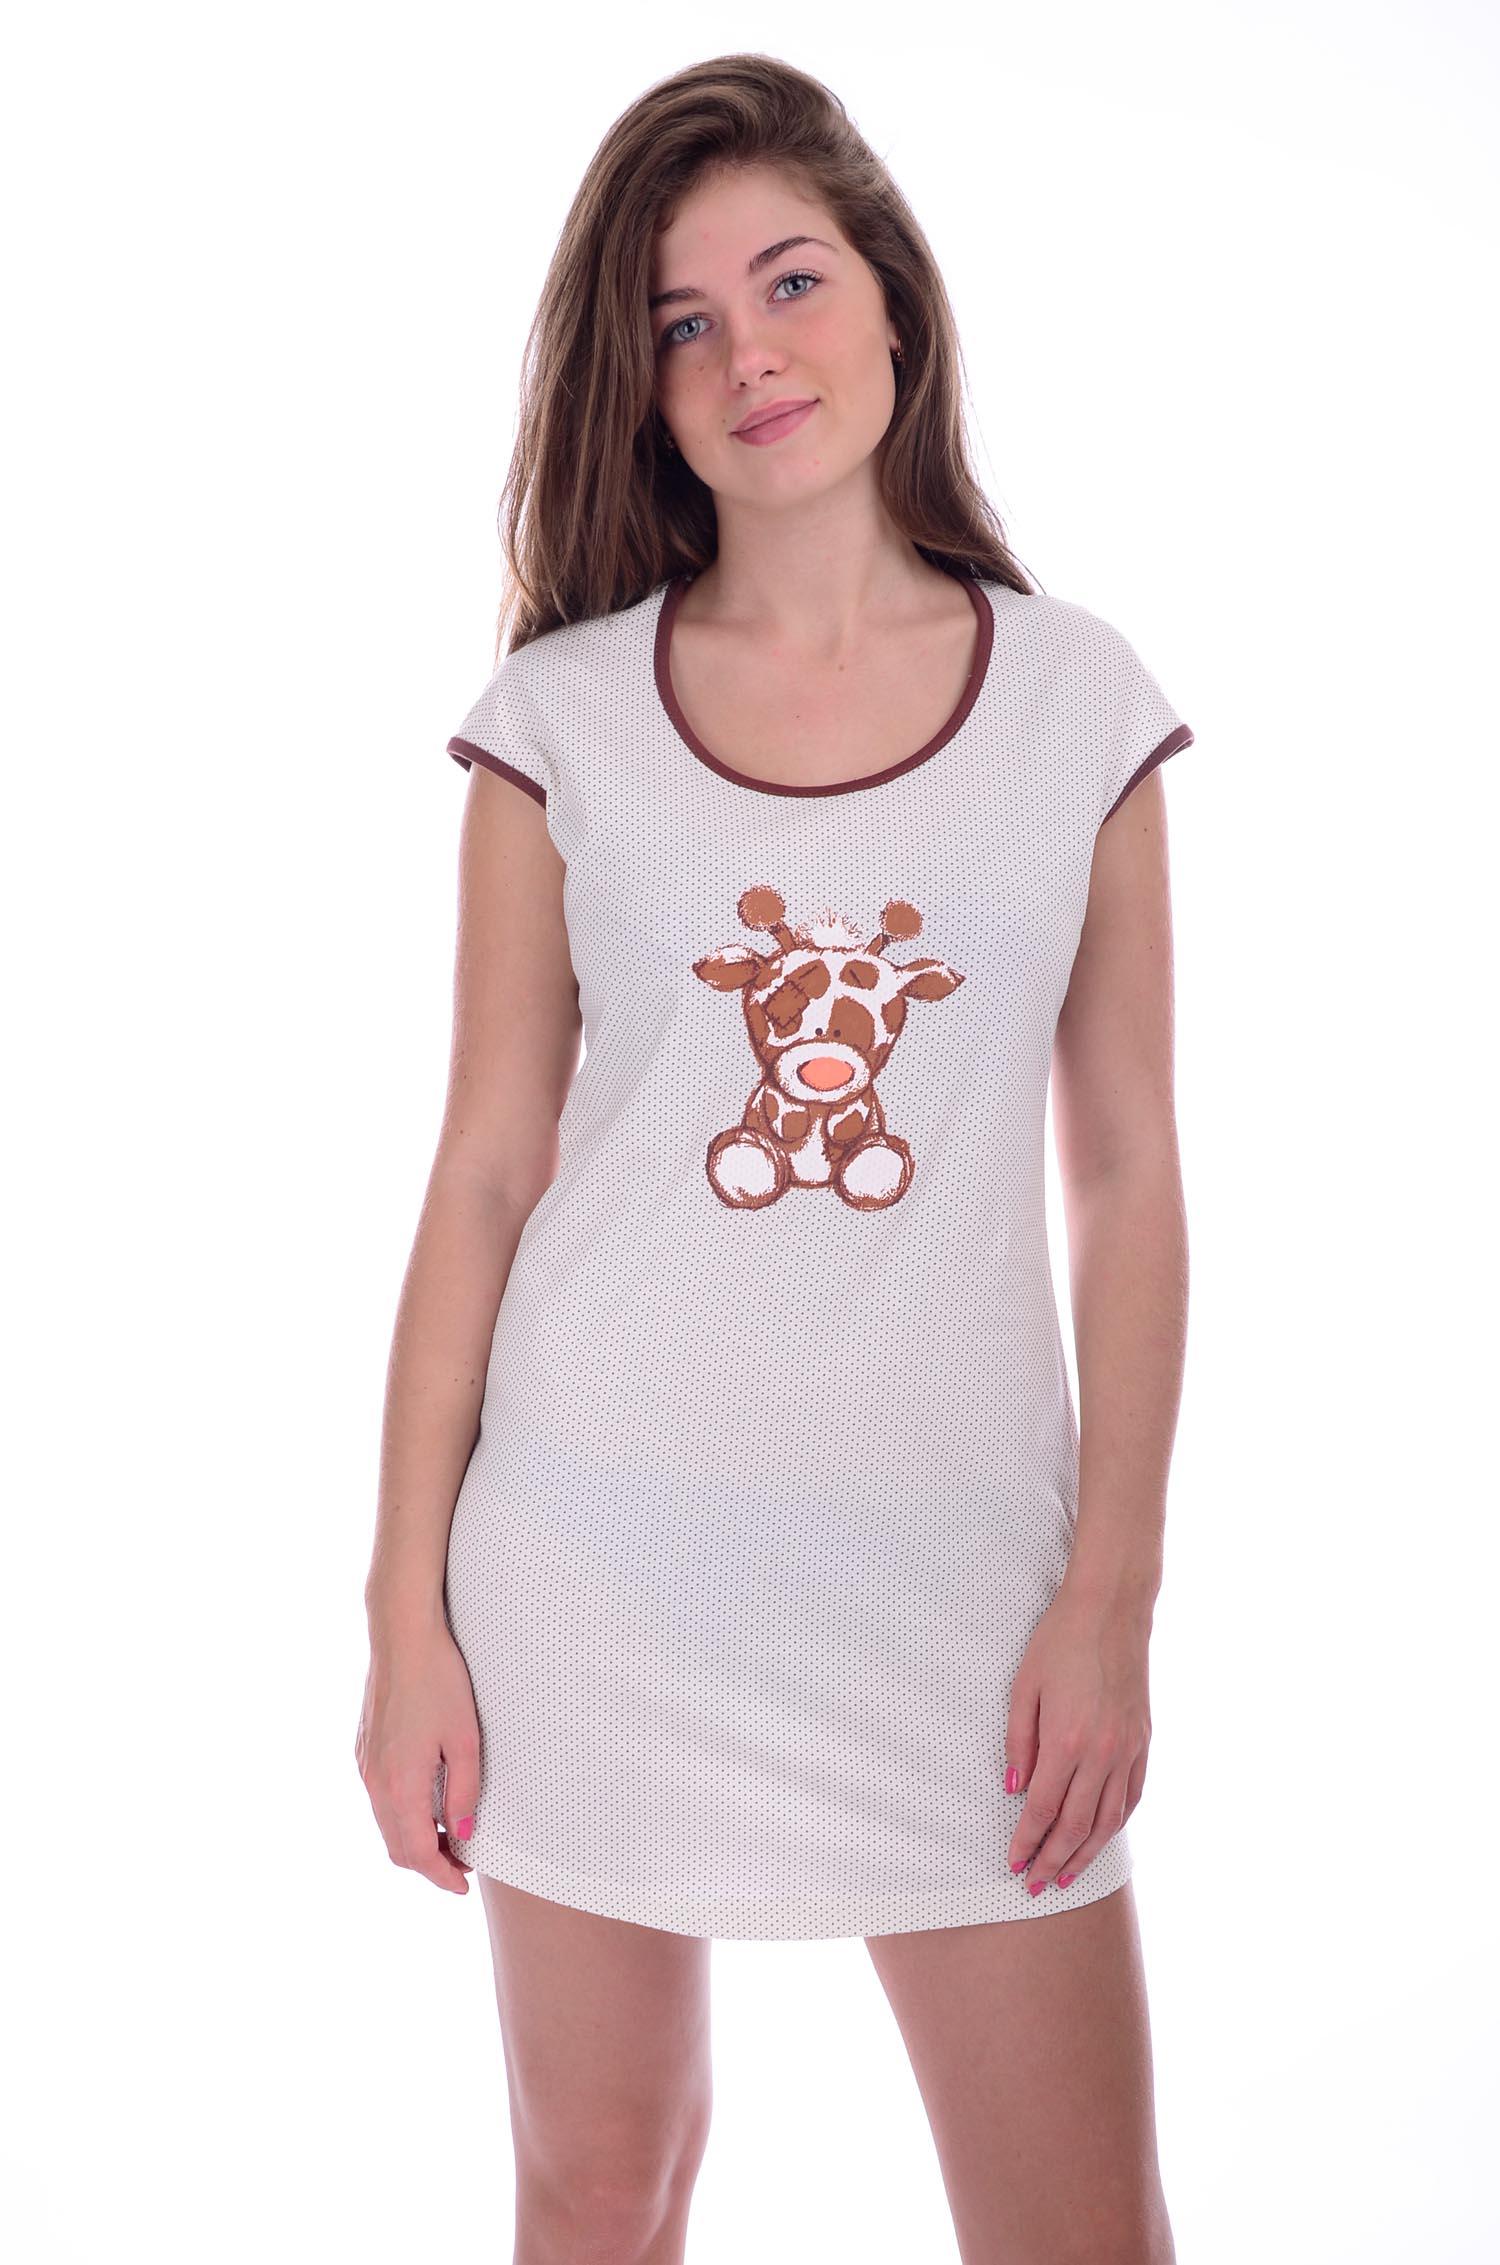 Сорочка женская ЖозефинаСорочки<br><br><br>Размер: 52